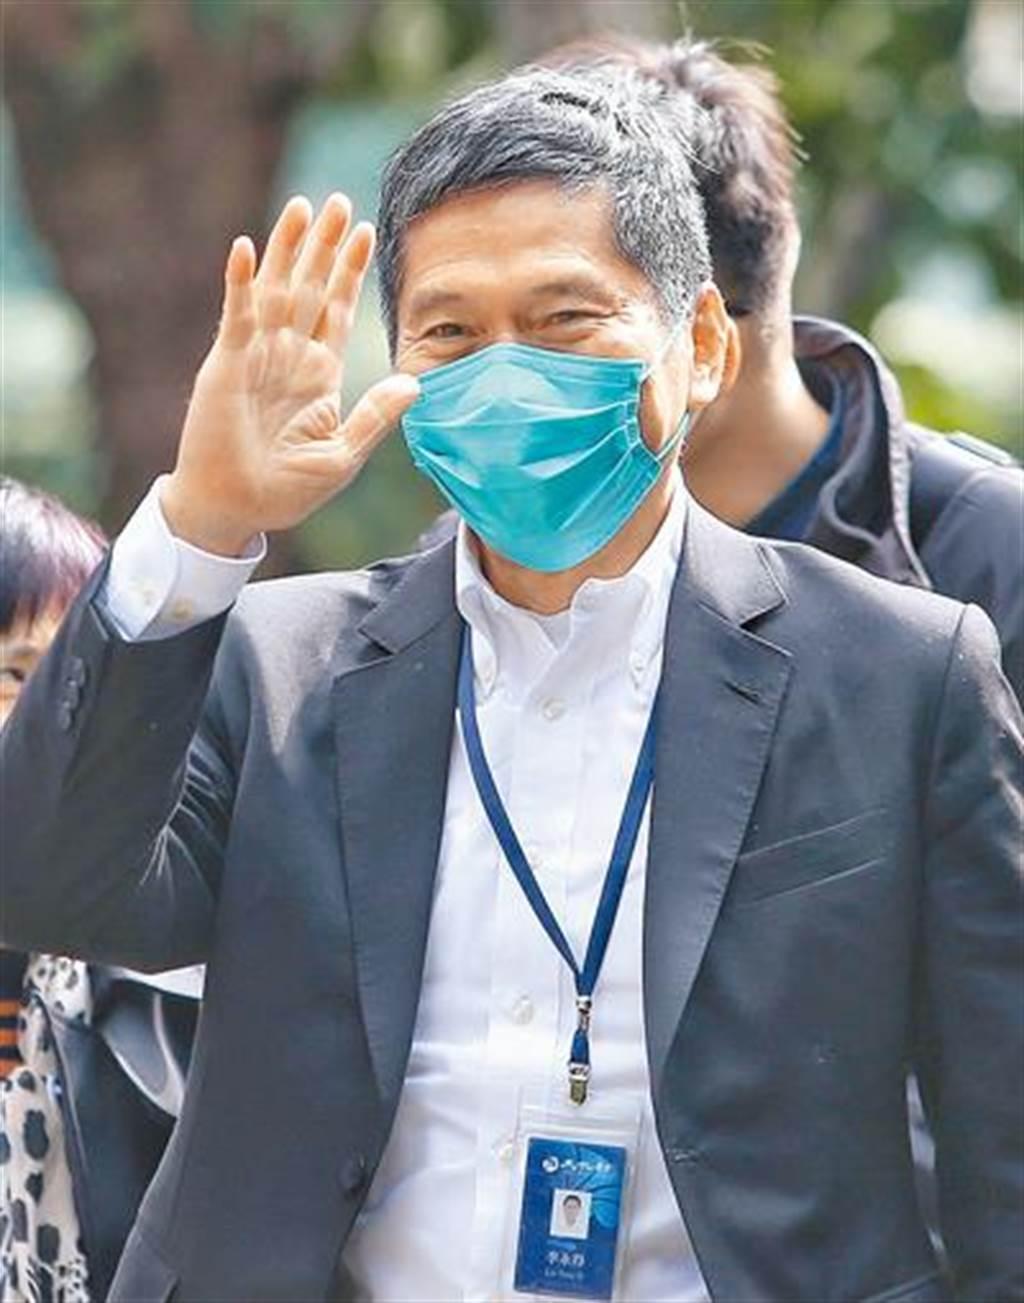 文化部長李永得表示,蔡秋安擁有豐富國際媒體經驗,尤其專精影視媒體,對執行長人選及開播相關事宜,文化部一切尊重團隊決定。(報系資料照)